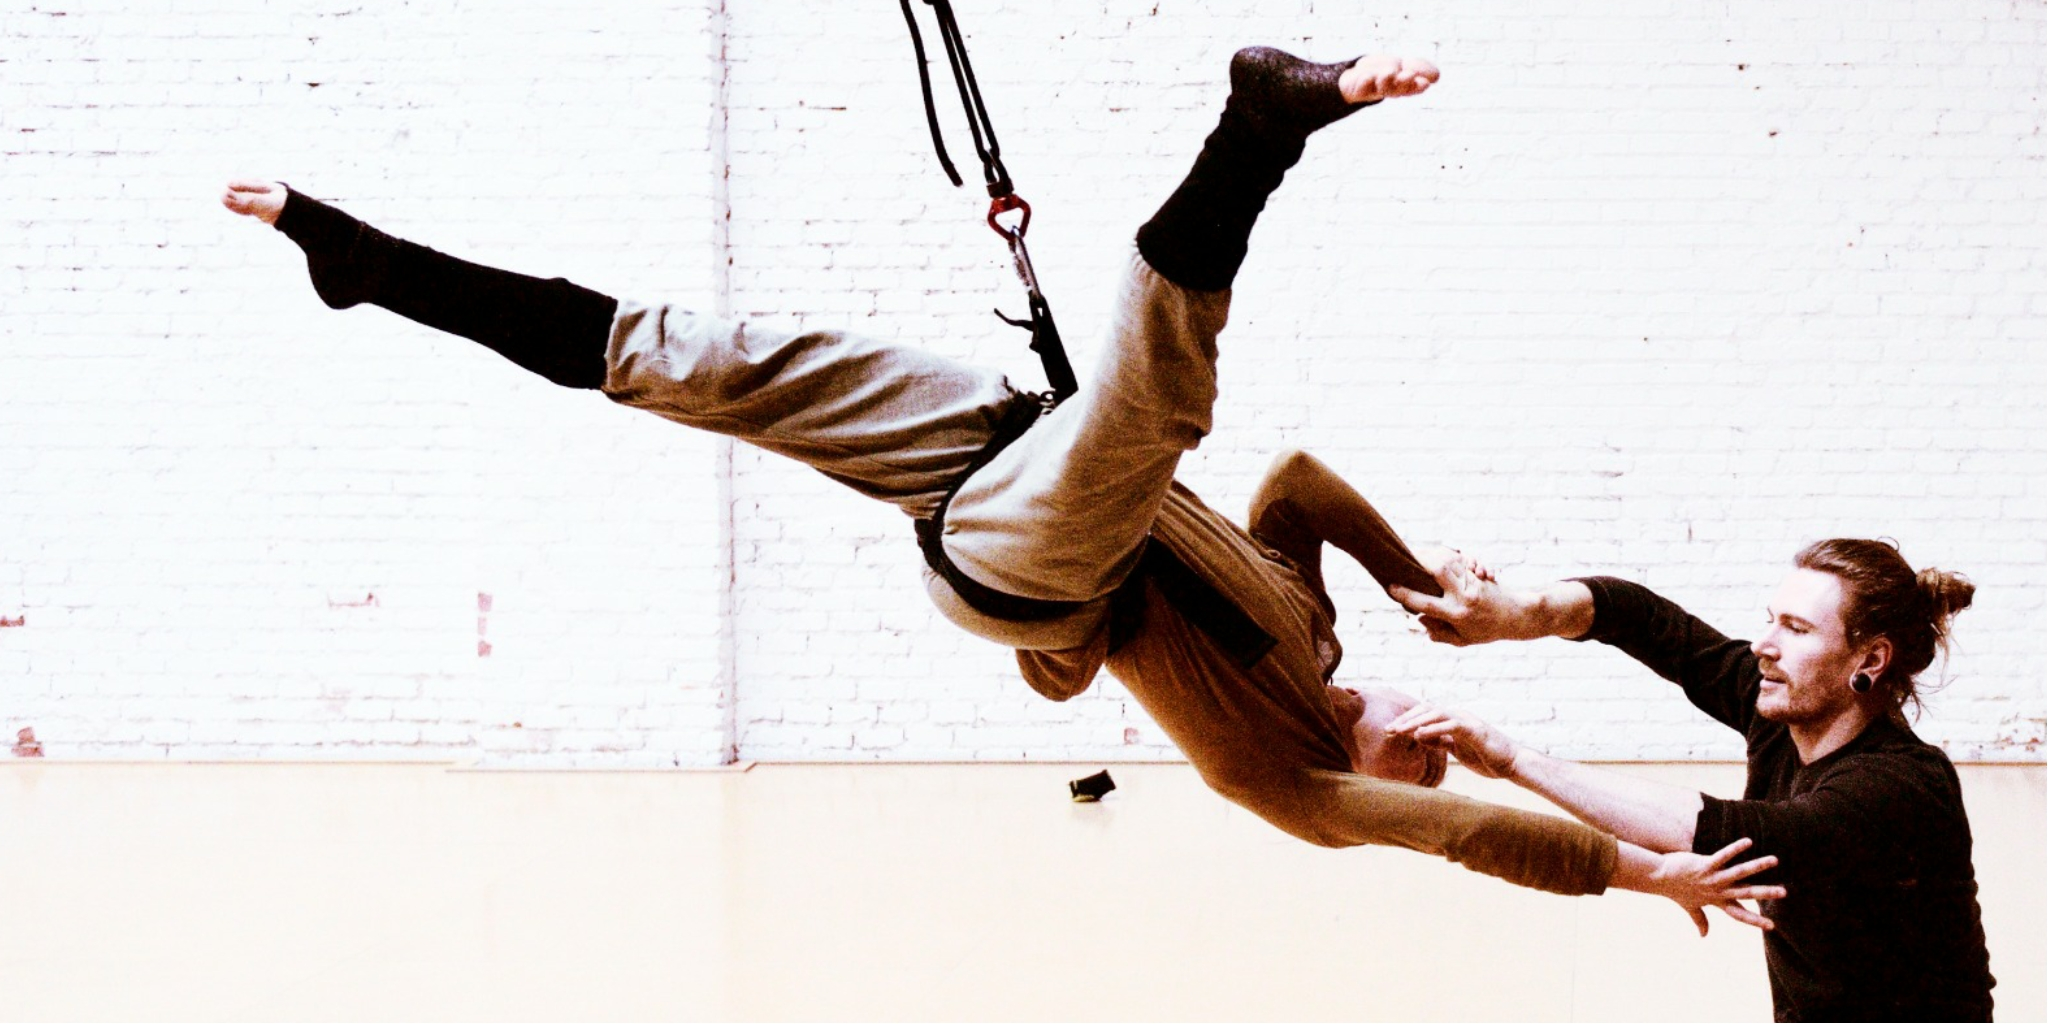 El Contact Aéreo como extensión de la Danza Aérea – Vuela